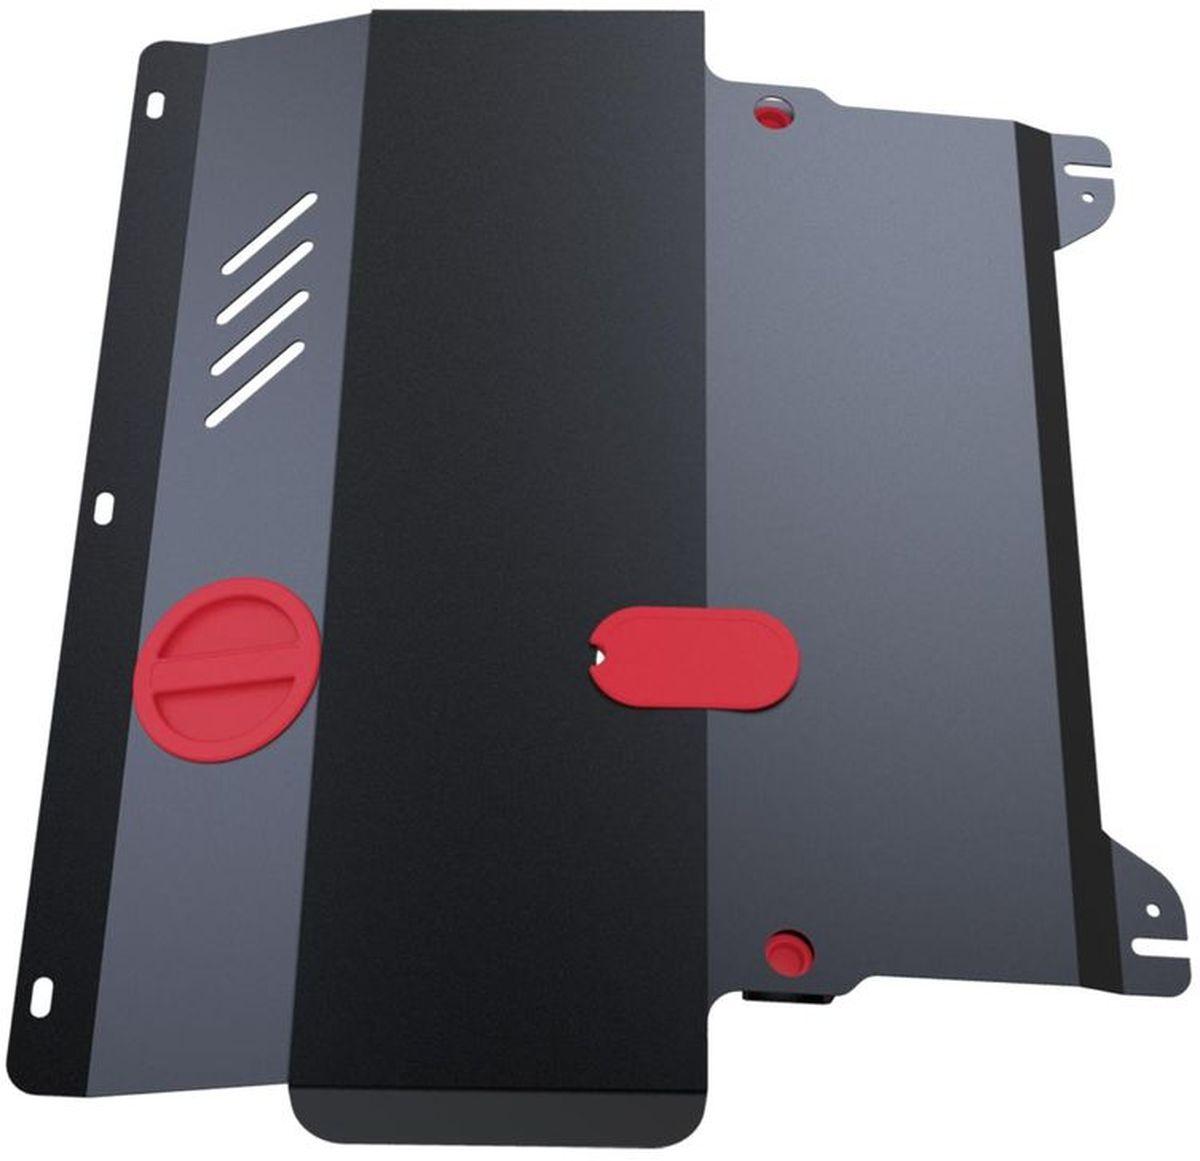 Защита картера и КПП Автоброня, для Nissan Note, V - 1,4 (2004-2014)111.04108.2Технологически совершенный продукт за невысокую стоимость. Защита разработана с учетом особенностей днища автомобиля, что позволяет сохранить дорожный просвет с минимальным изменением. Защита устанавливается в штатные места кузова автомобиля. Глубокий штамп обеспечивает до двух раз больше жесткости в сравнении с обычной защитой той же толщины. Проштампованные ребра жесткости препятствуют деформации защиты при ударах. Тепловой зазор и вентиляционные отверстия обеспечивают сохранение температурного режима двигателя в норме. Скрытый крепеж предотвращает срыв крепежных элементов при наезде на препятствие. Шумопоглощающие резиновые элементы обеспечивают комфортную езду без вибраций и скрежета металла, а съемные лючки для слива масла и замены фильтра - экономию средств и время. Конструкция изделия не влияет на пассивную безопасность автомобиля (при ударе защита не воздействует на деформационные зоны кузова). Со штатным крепежом. В комплекте инструкция по установке....